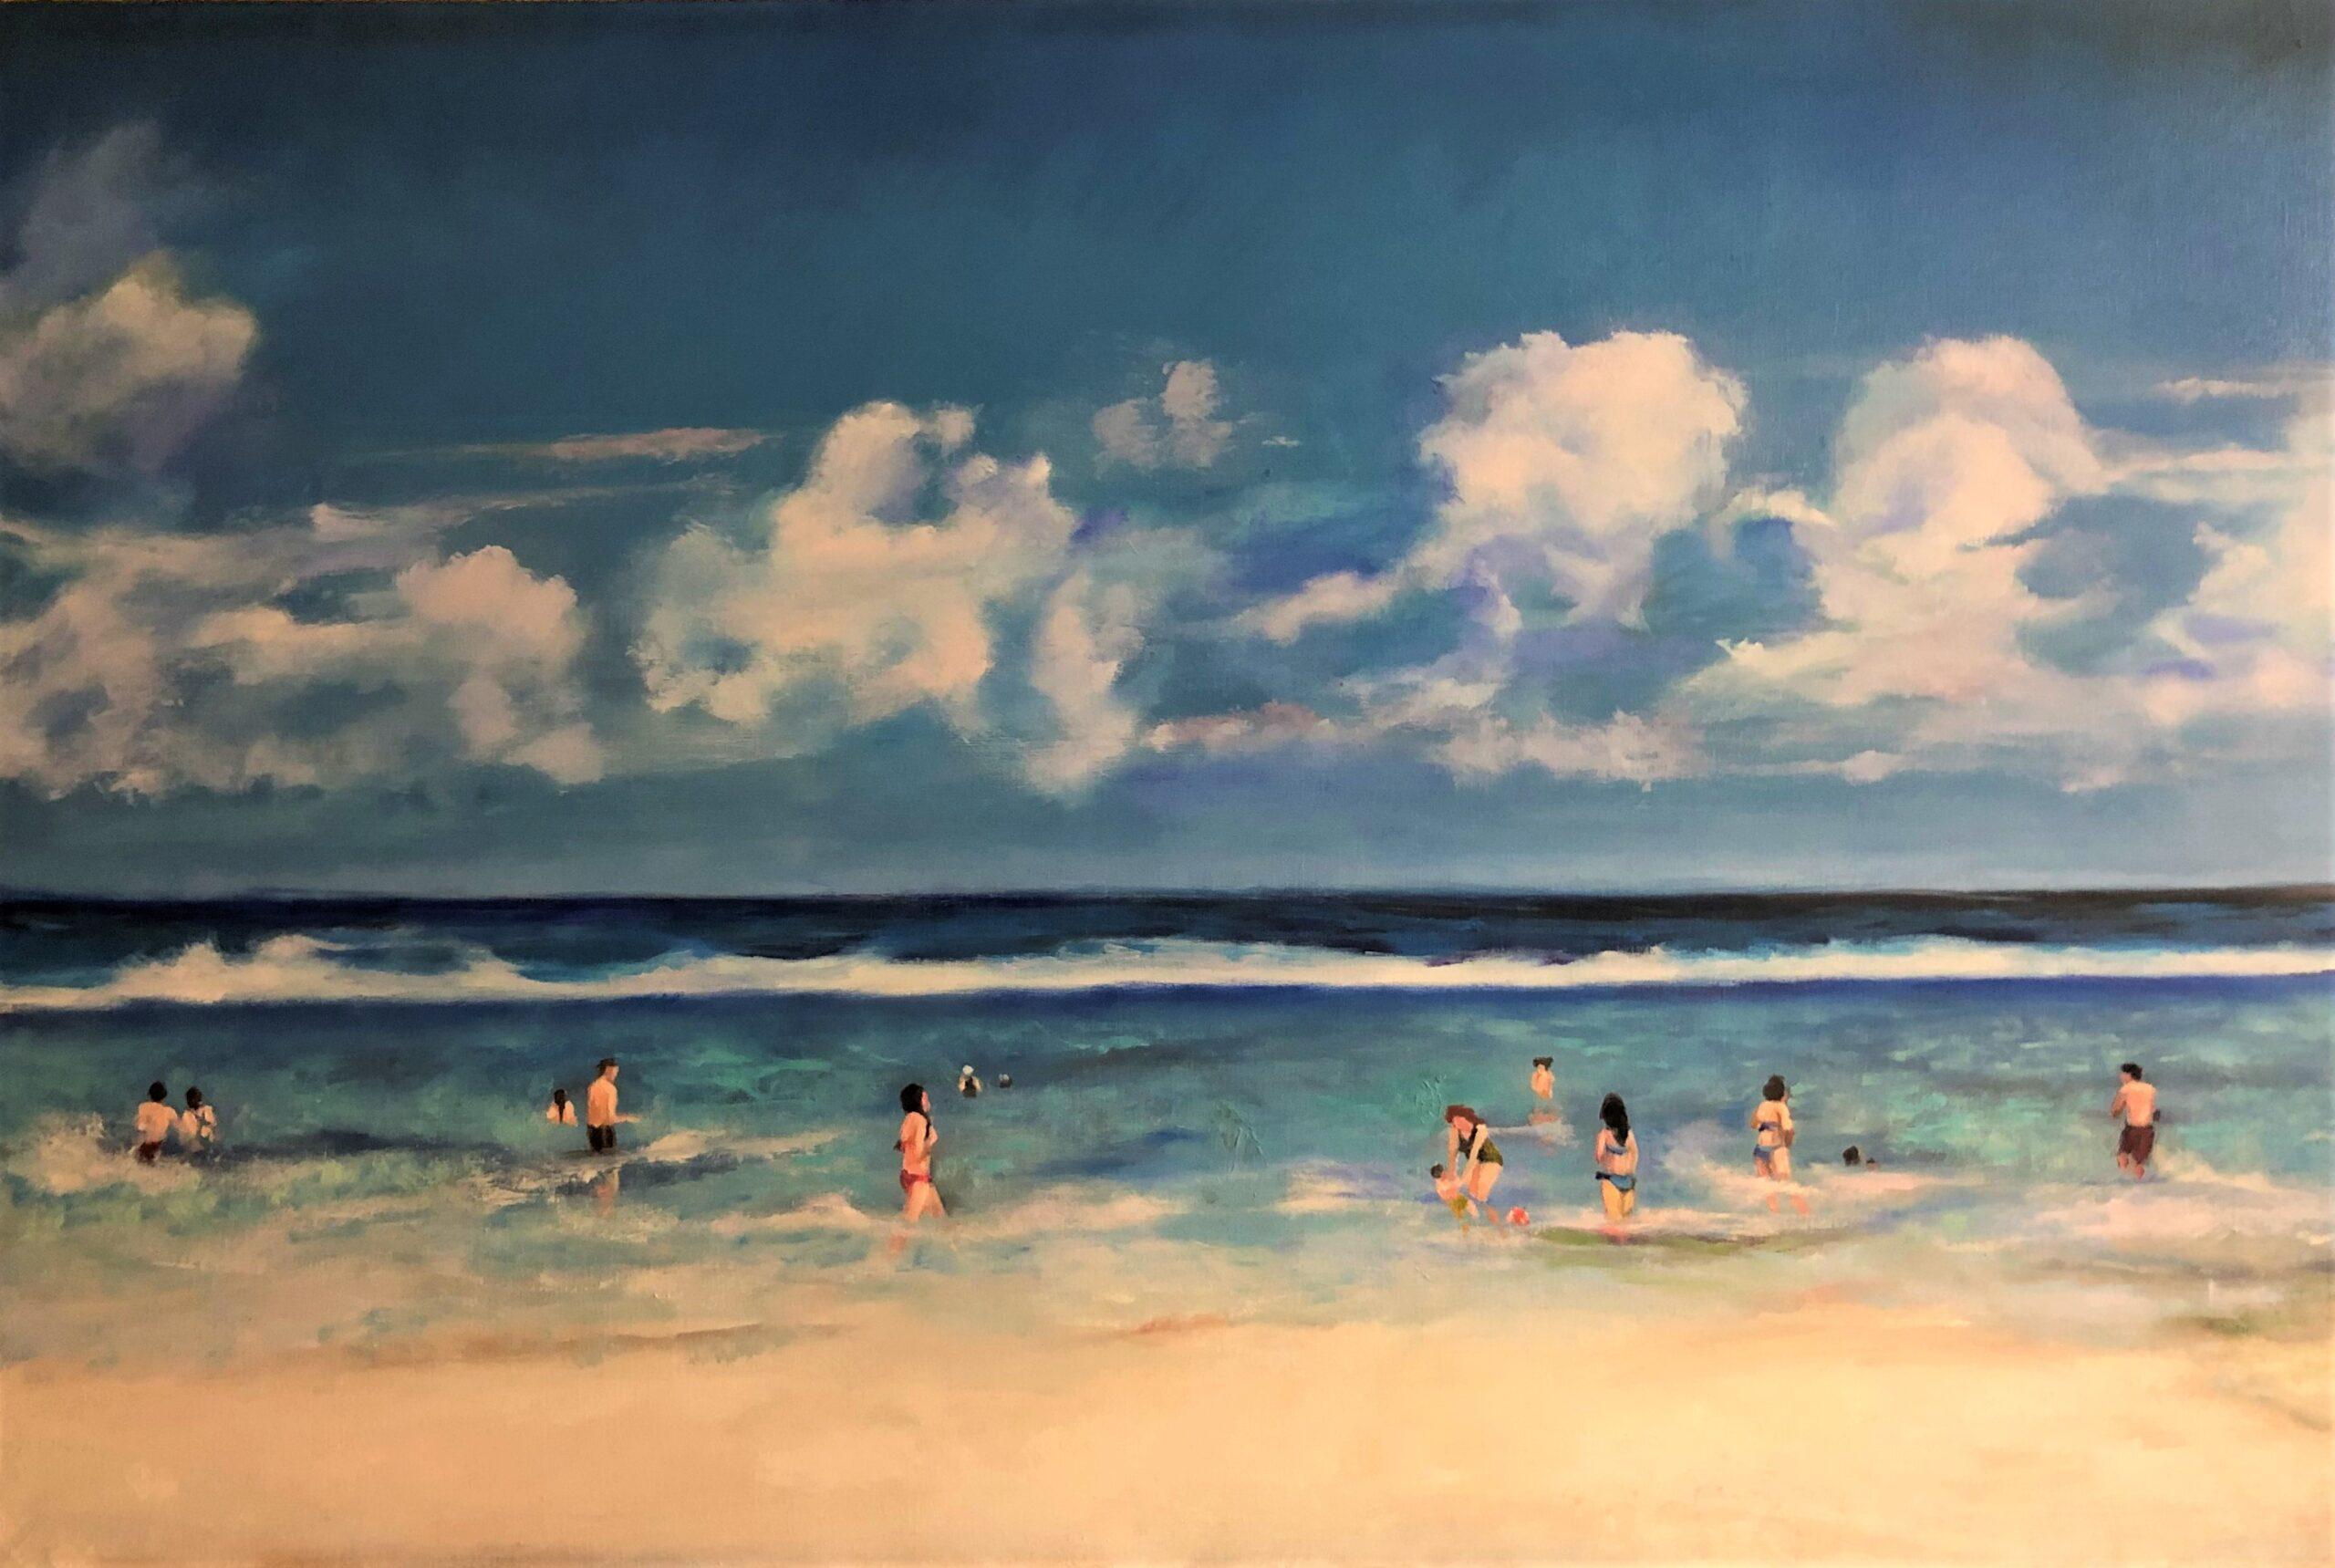 """Sherri Paul, Beach Day, Oil on linen, 24""""x36"""", $850"""